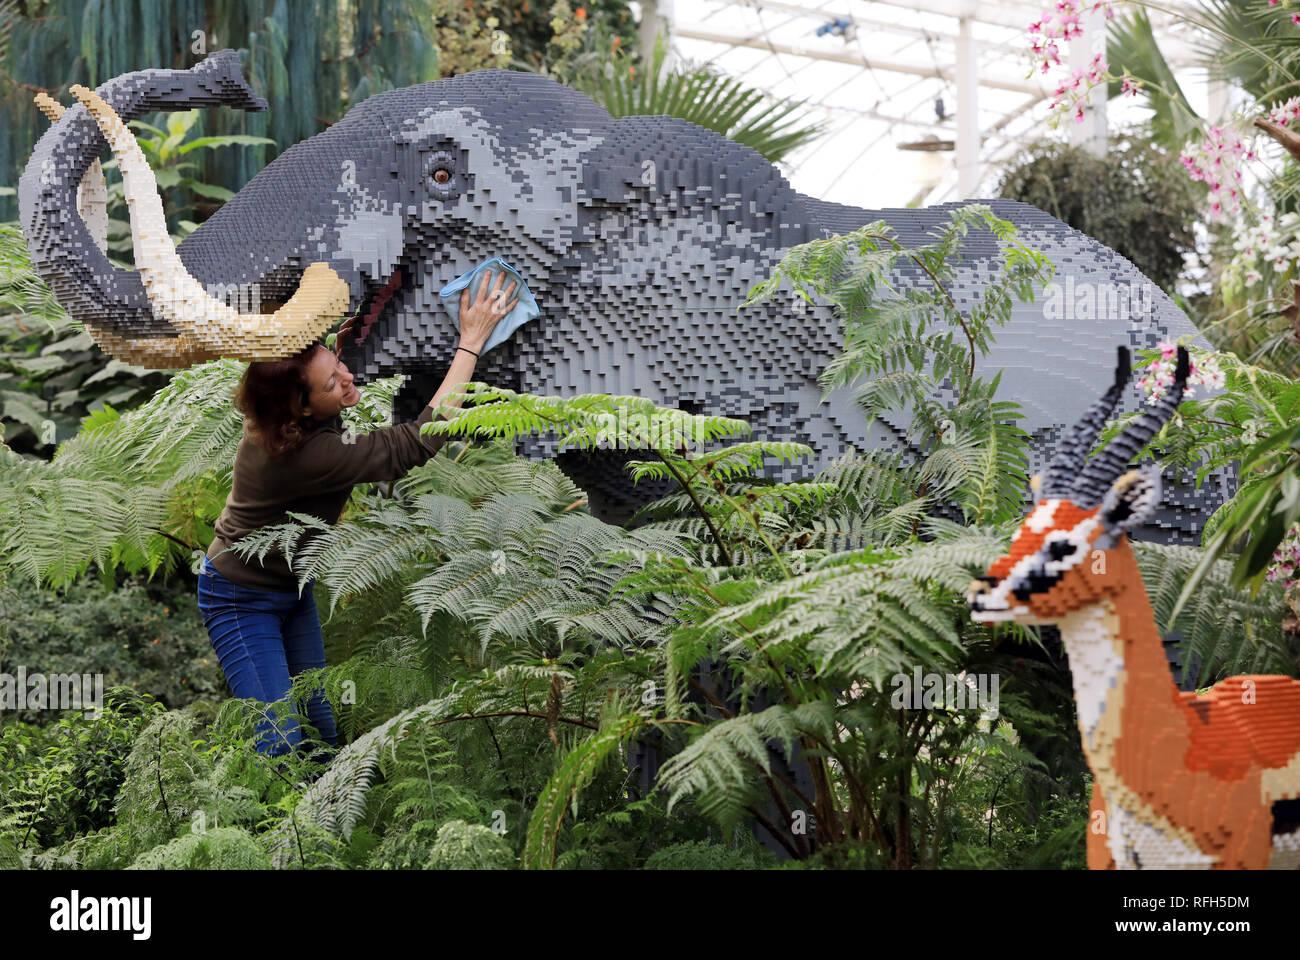 Rhs Garden Wisley Surrey Uk 25th Jan 2019 Emma Allen Garden Manager 44 From Surrey Adds